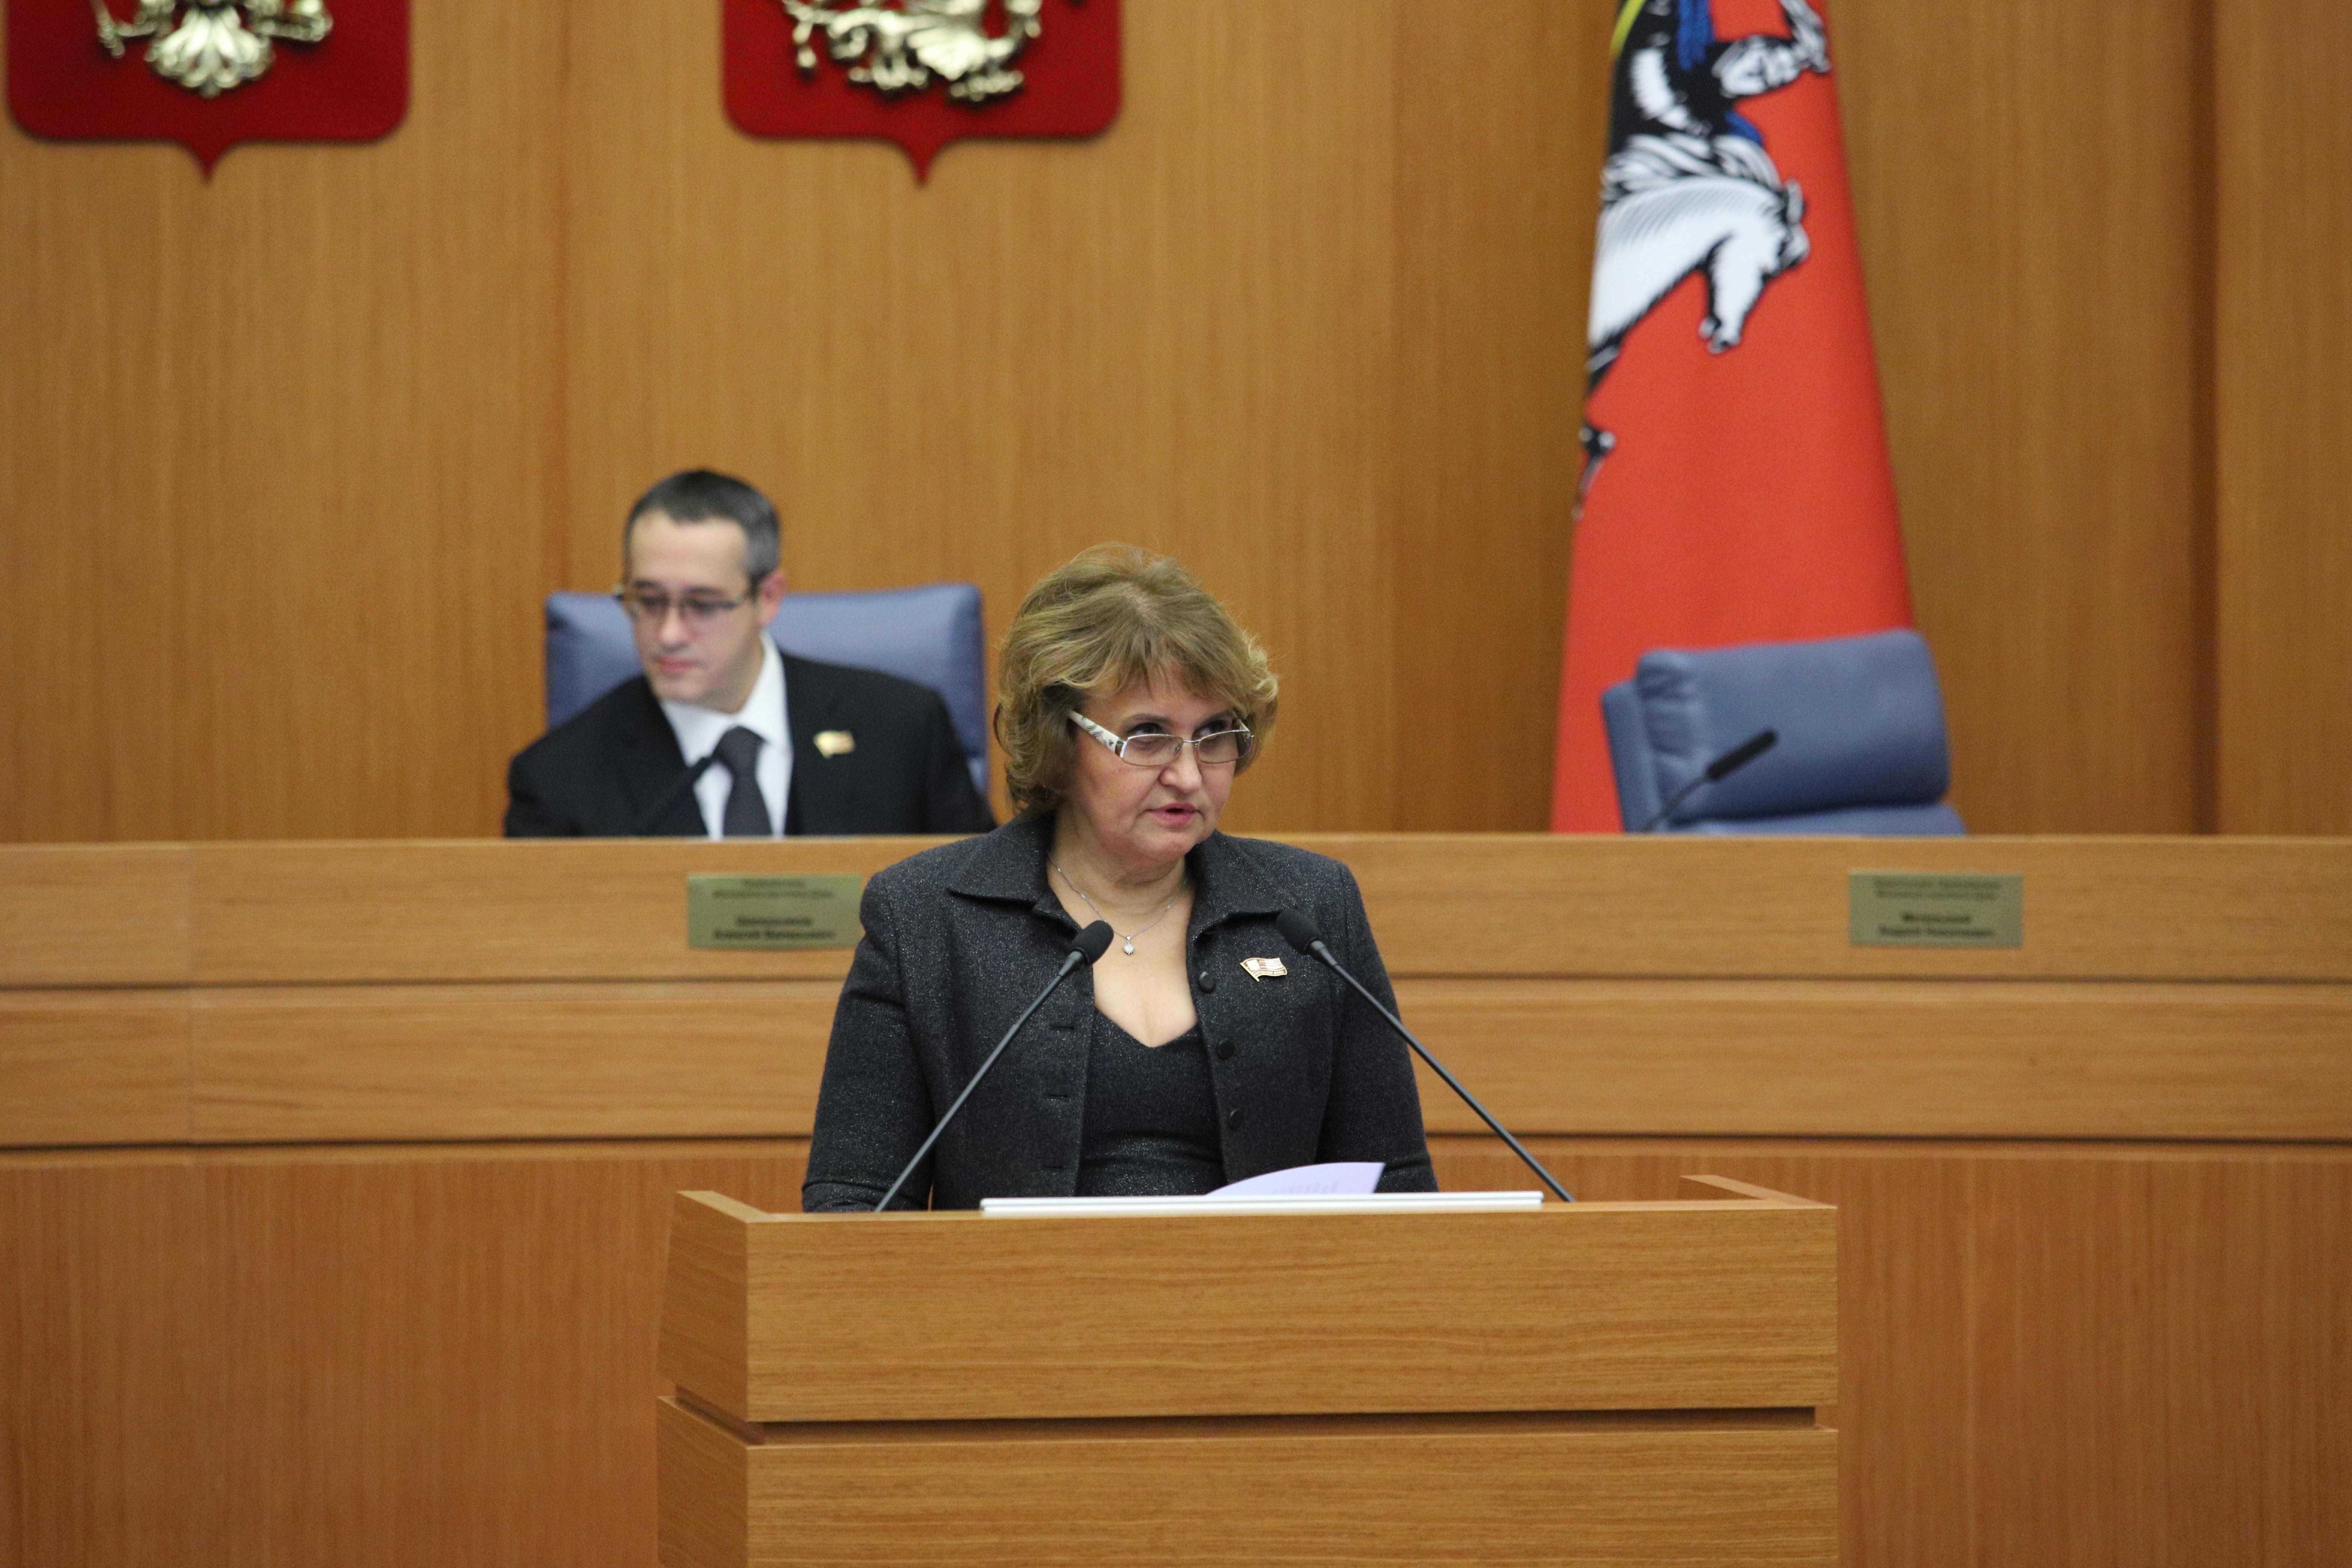 Депутат МГД Людмила Гусева рассказала о поддержке предпринимателей в период пандемии коронавируса